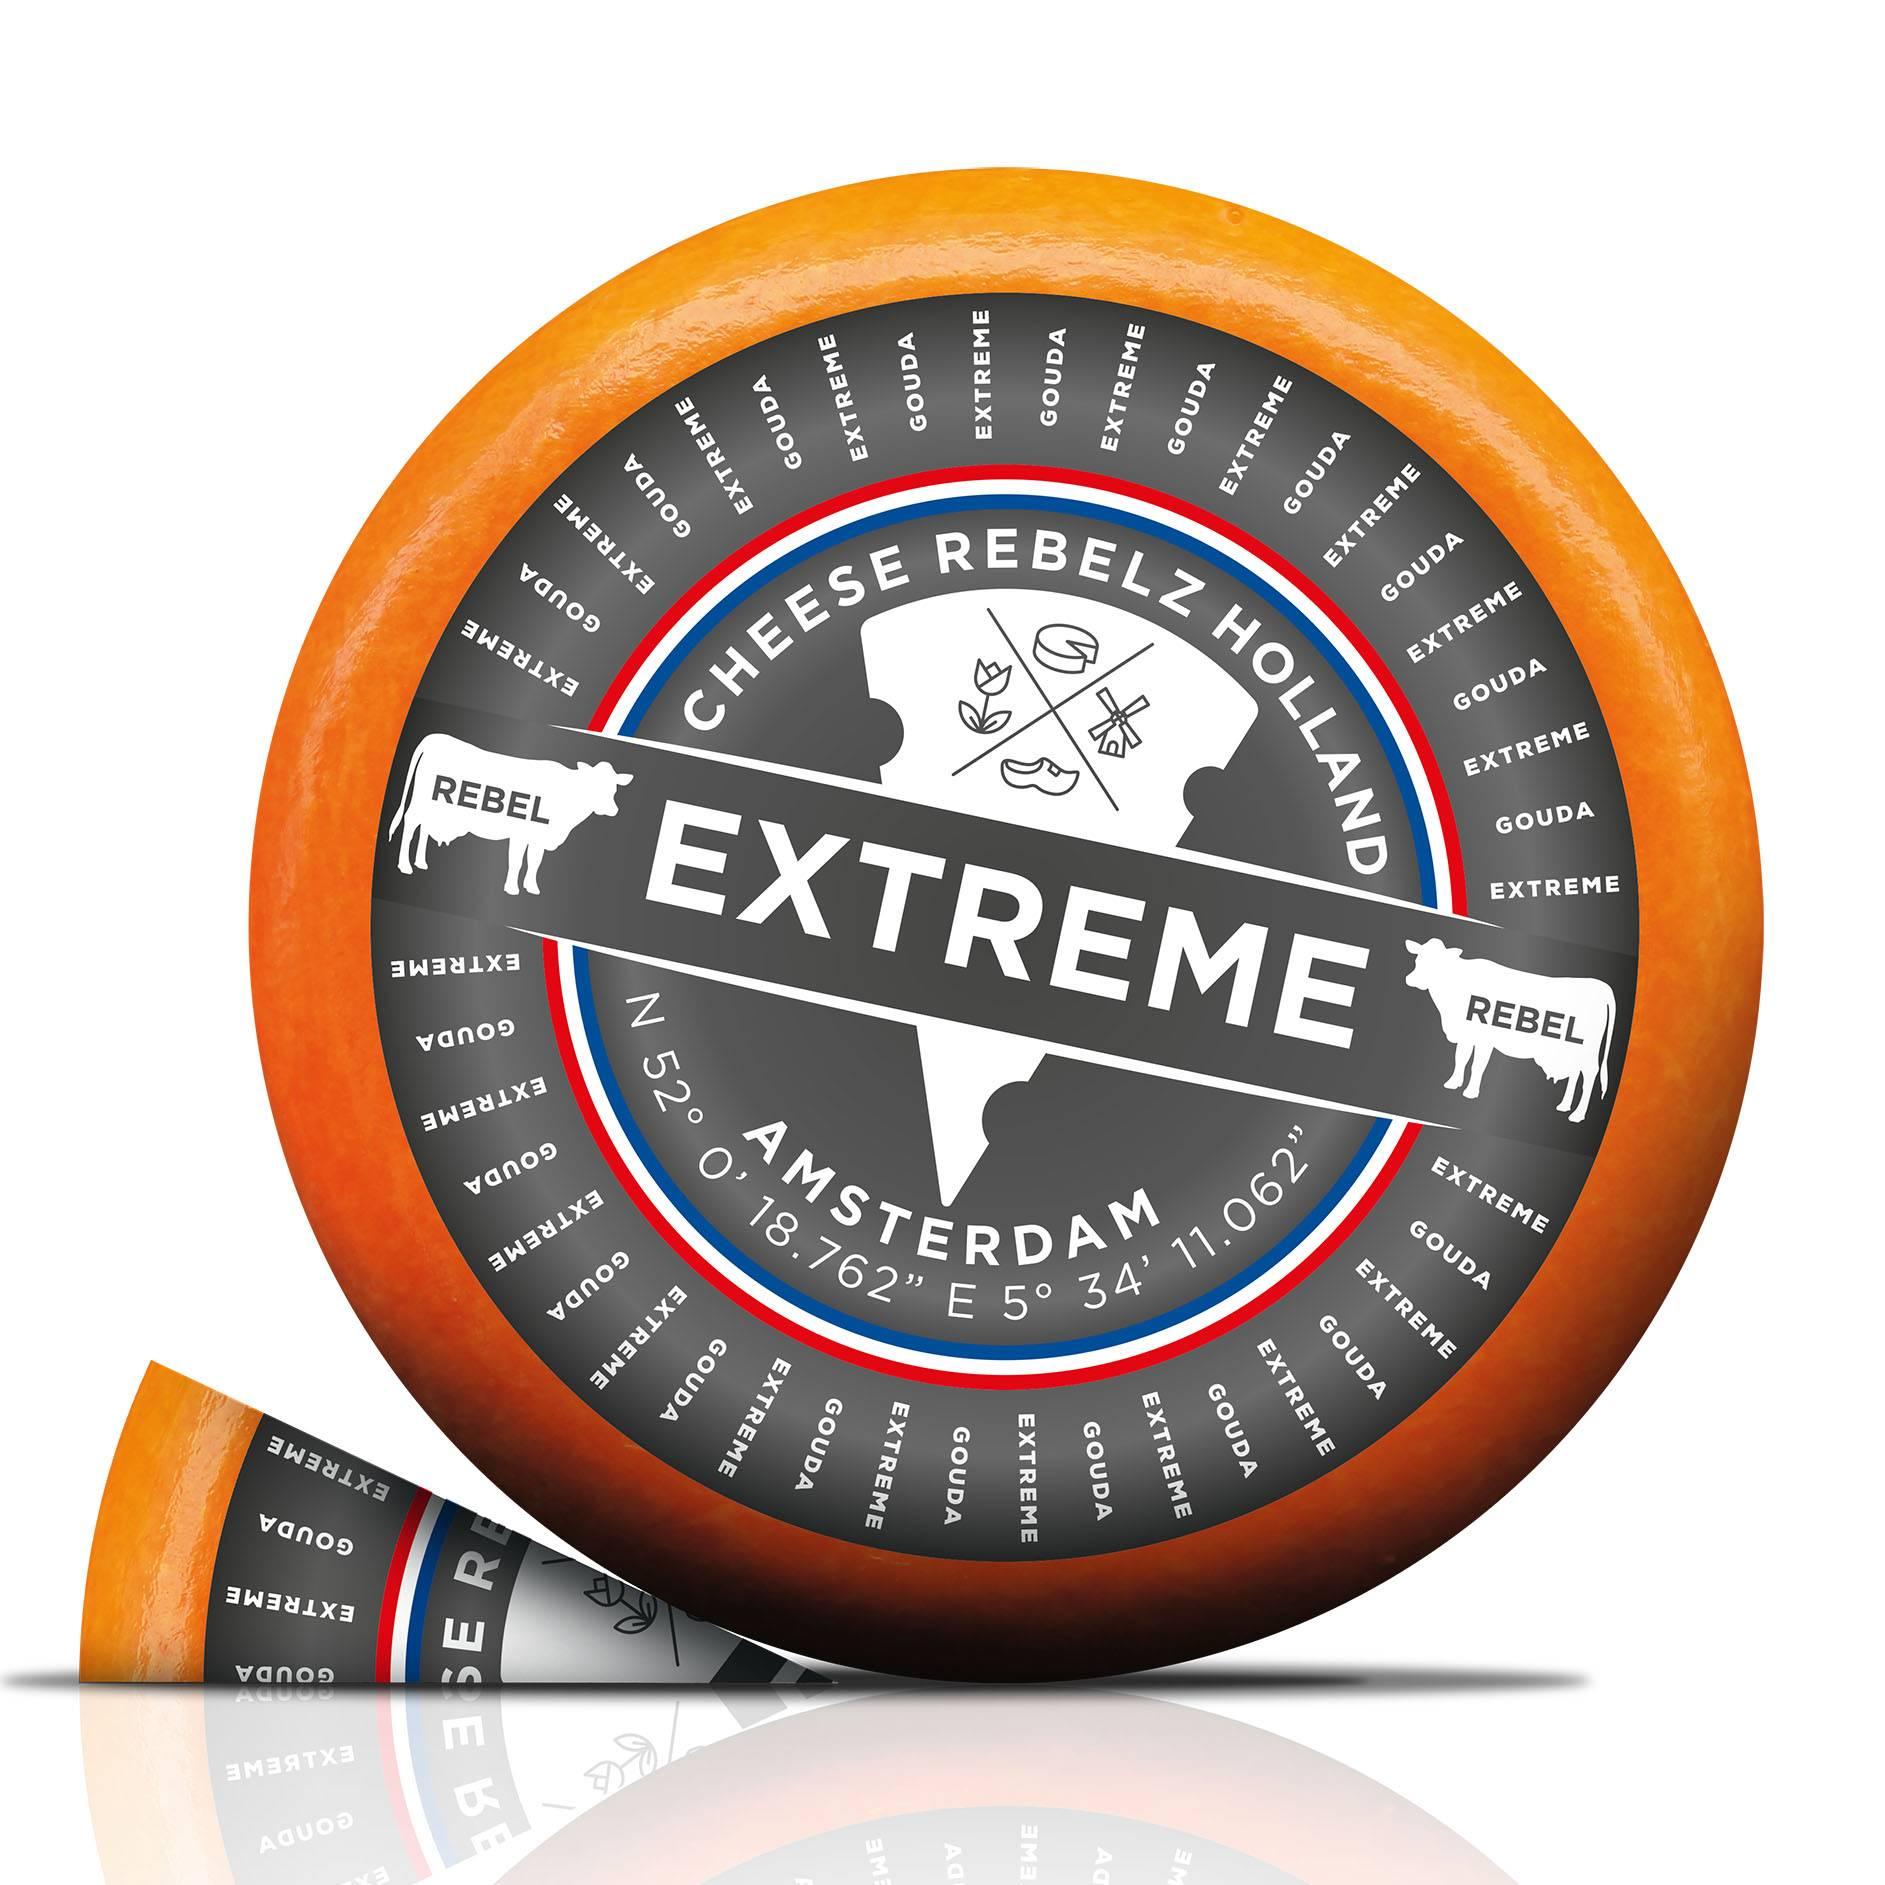 Gouda Extreme